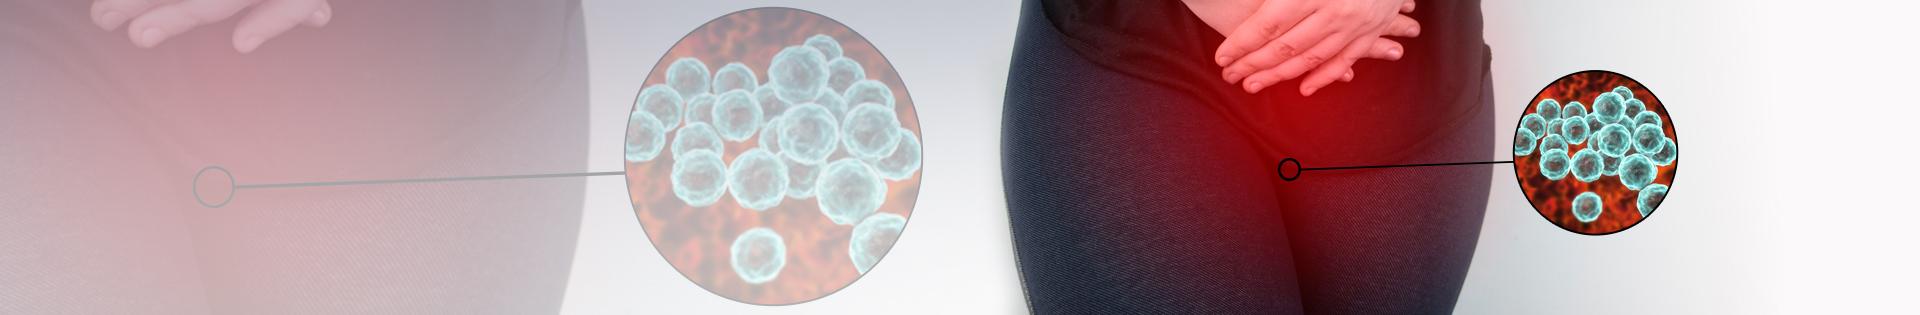 Sintomas da clamídia: quais são?